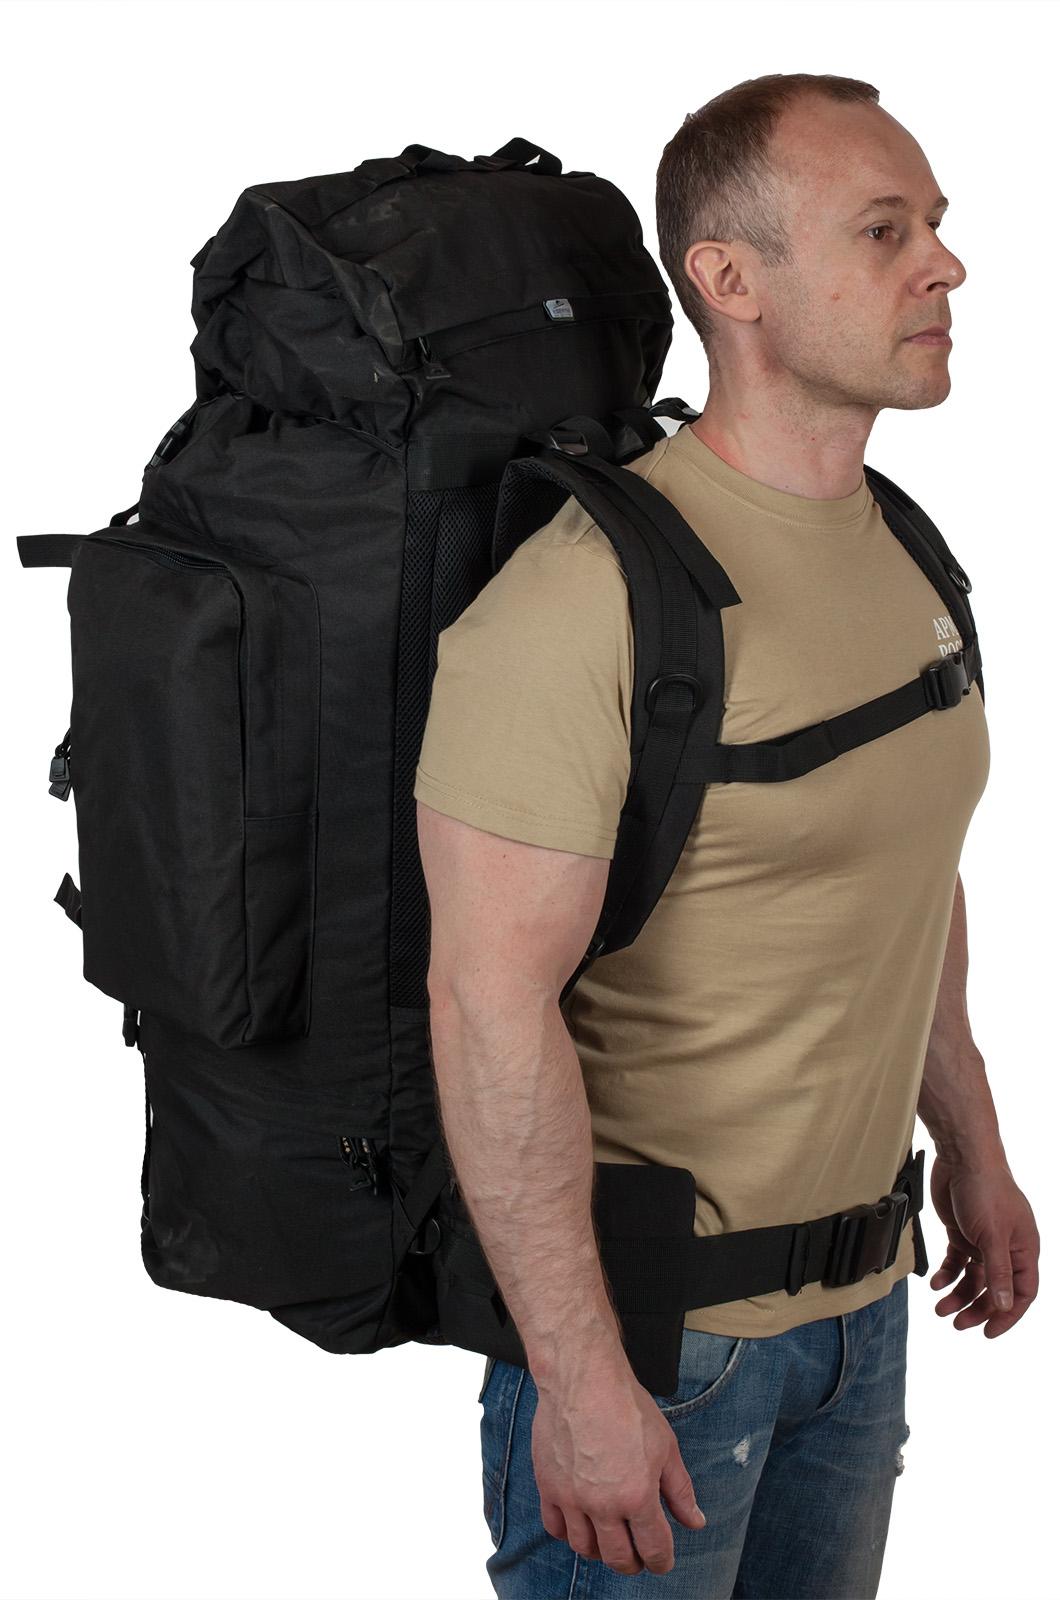 Многодневный тактический рюкзак ФСО Max Fuchs - заказать оптом